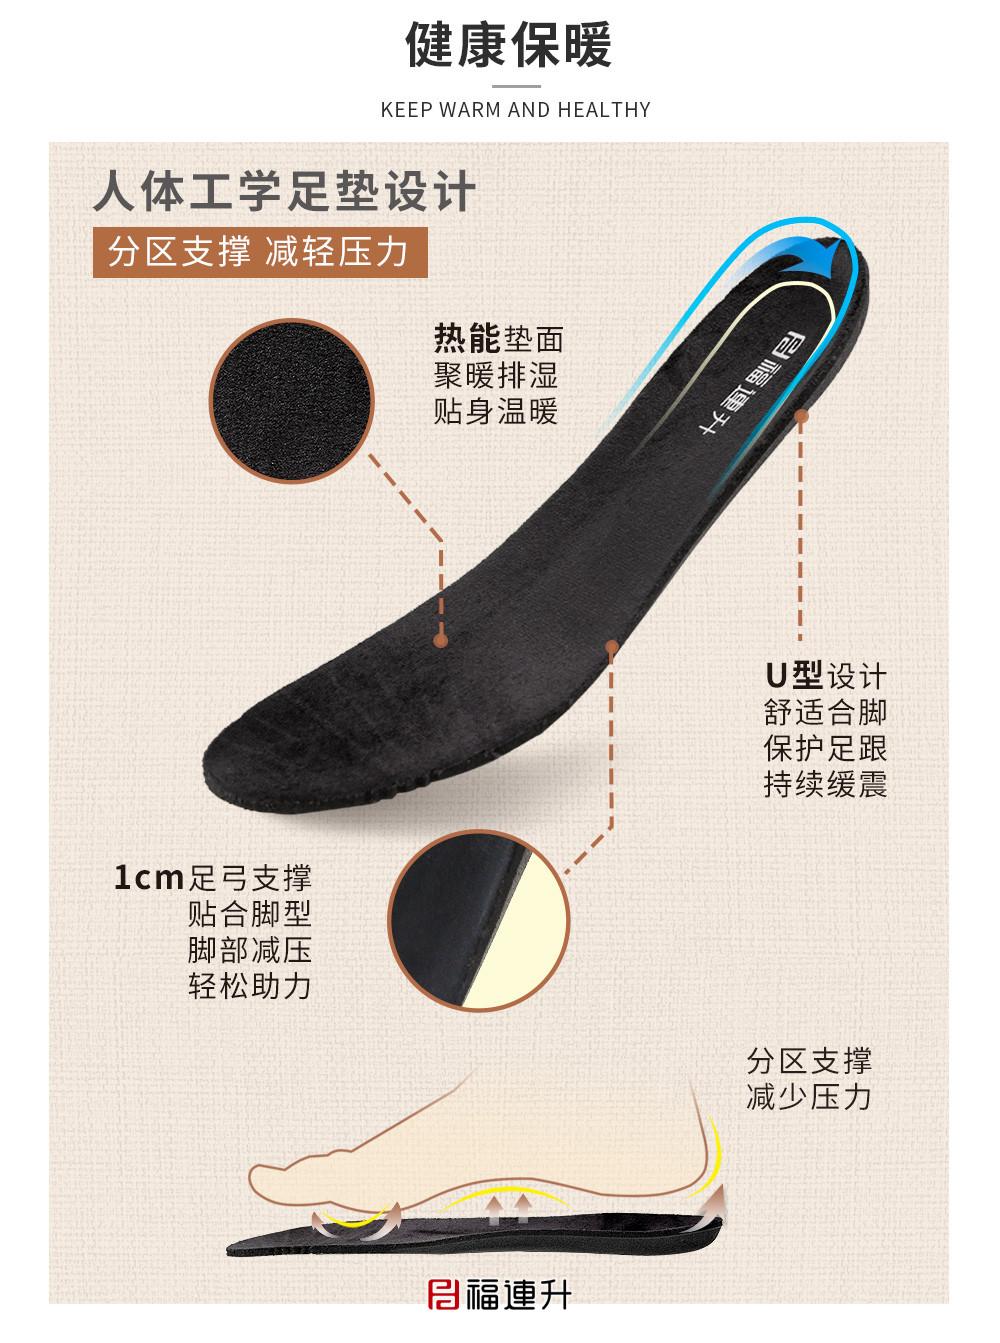 福连升休闲鞋男鞋冬季百搭棉鞋男加绒保暖潮流休闲鞋子图片